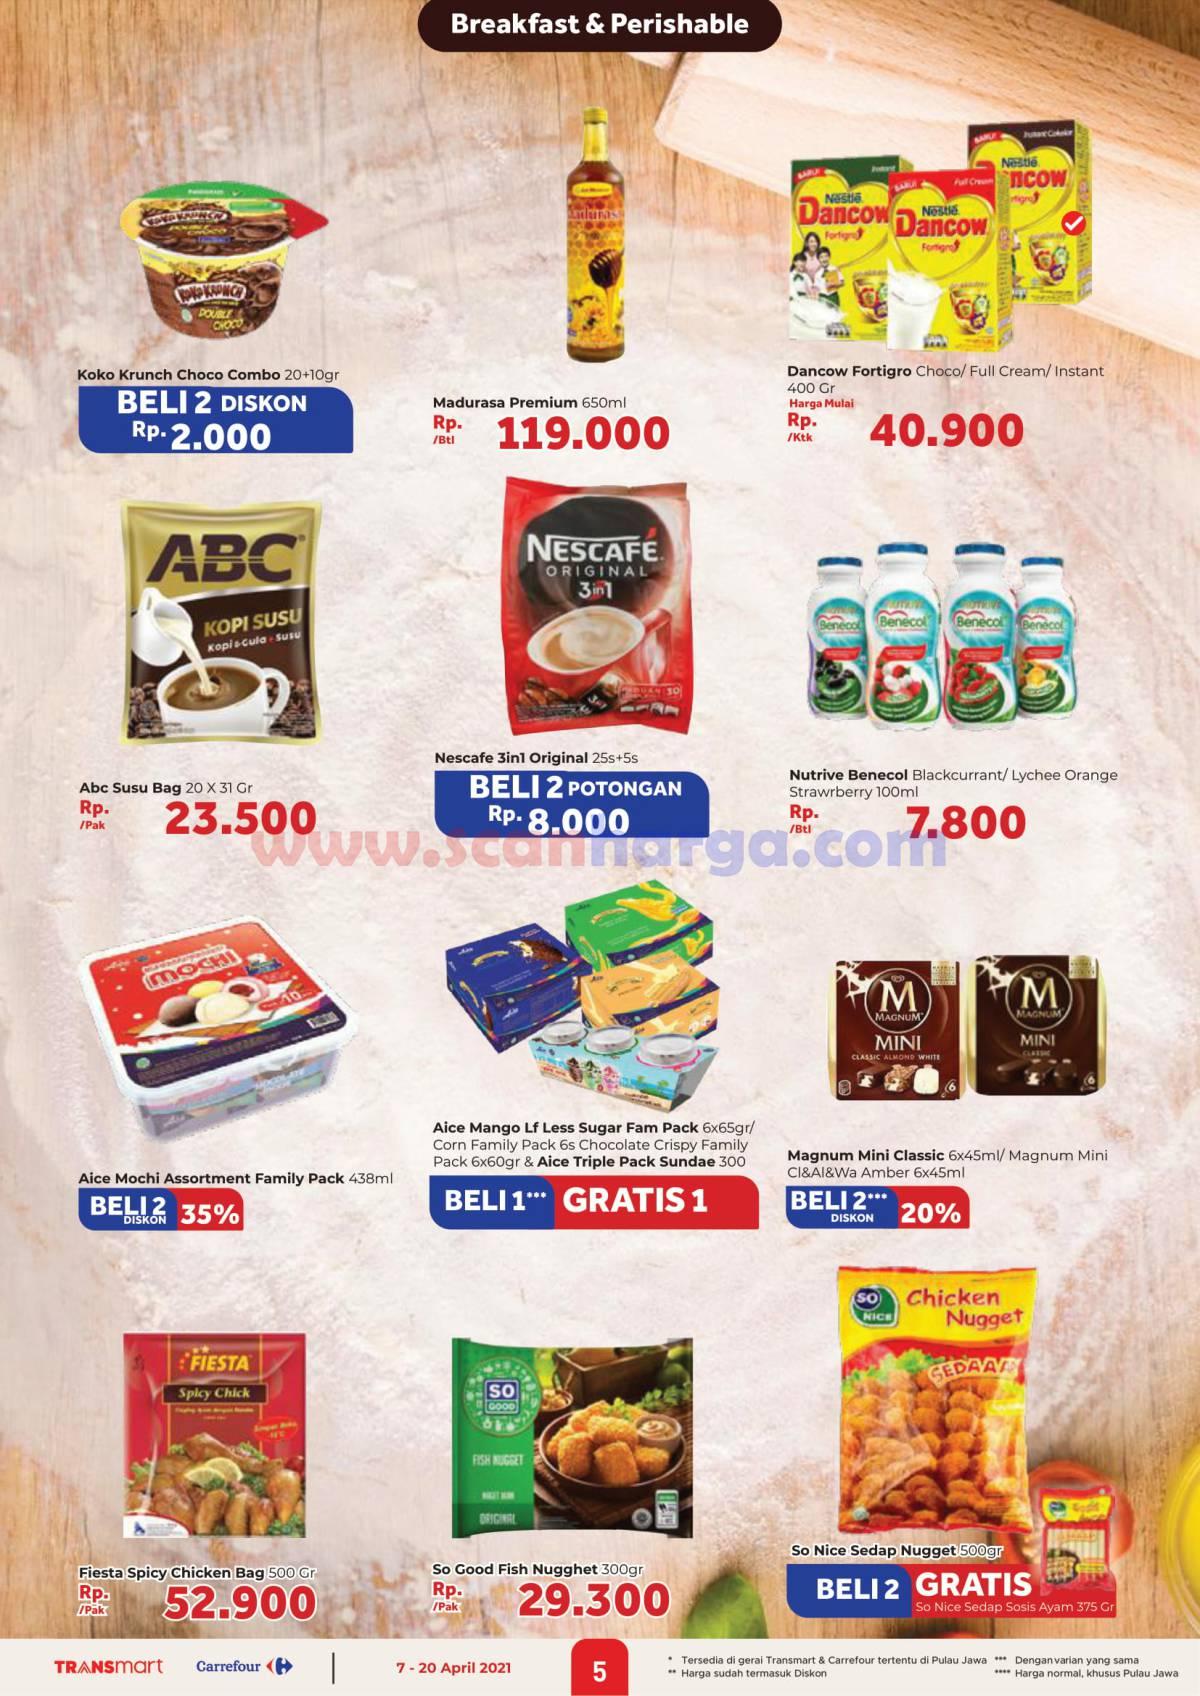 Katalog Promo Carrefour Transmart 7 - 20 April 2021 5